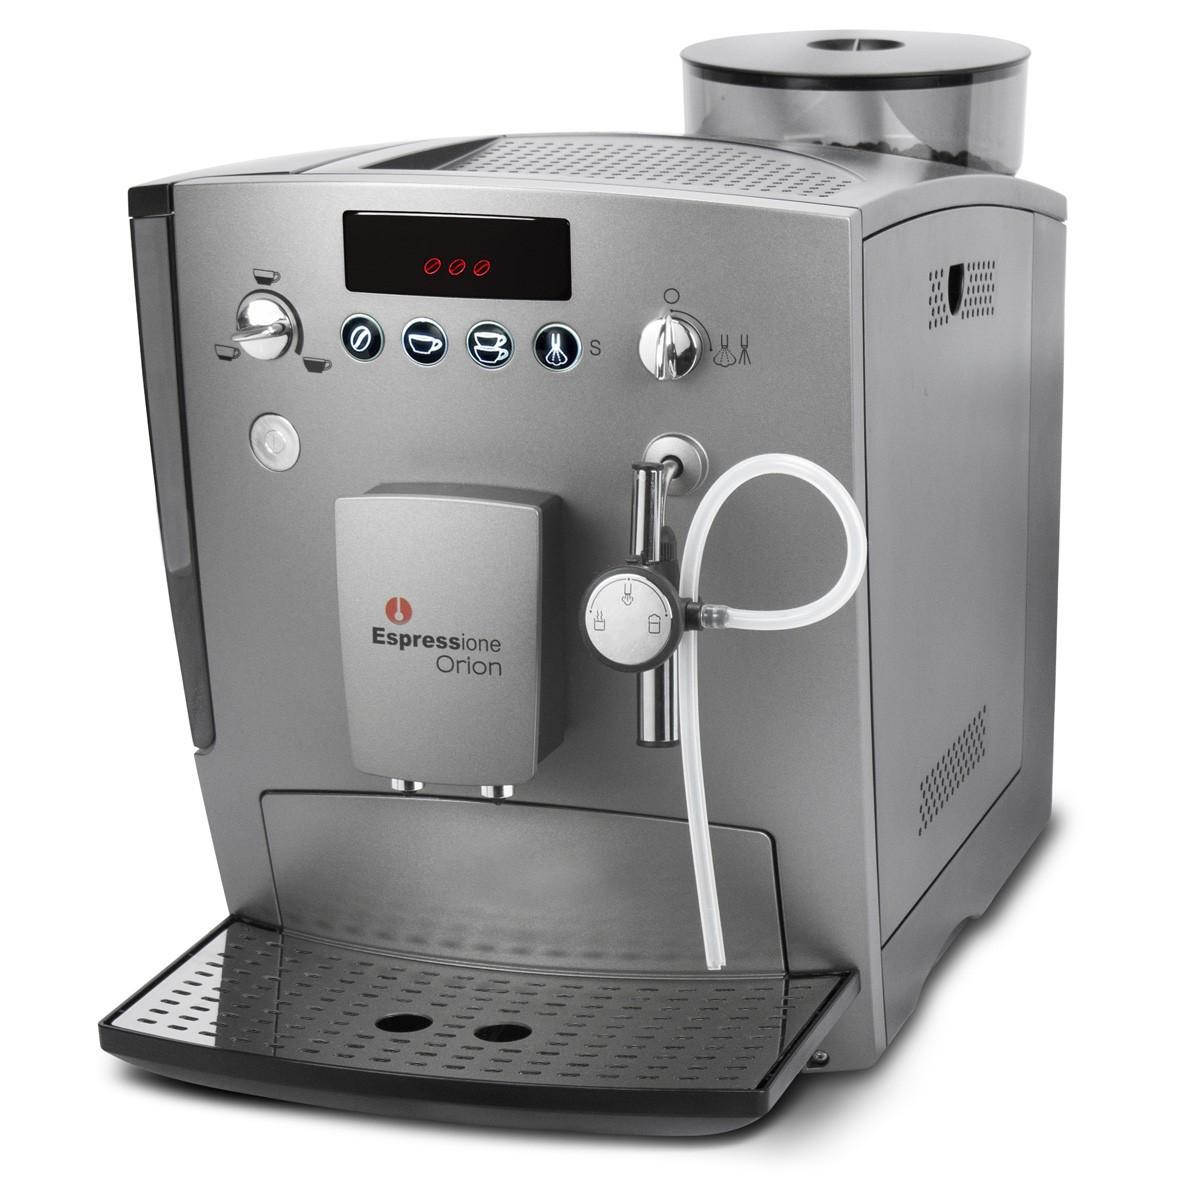 Cafeteira Expresso Automática Orion Espressione 620T 220v - Reembalado